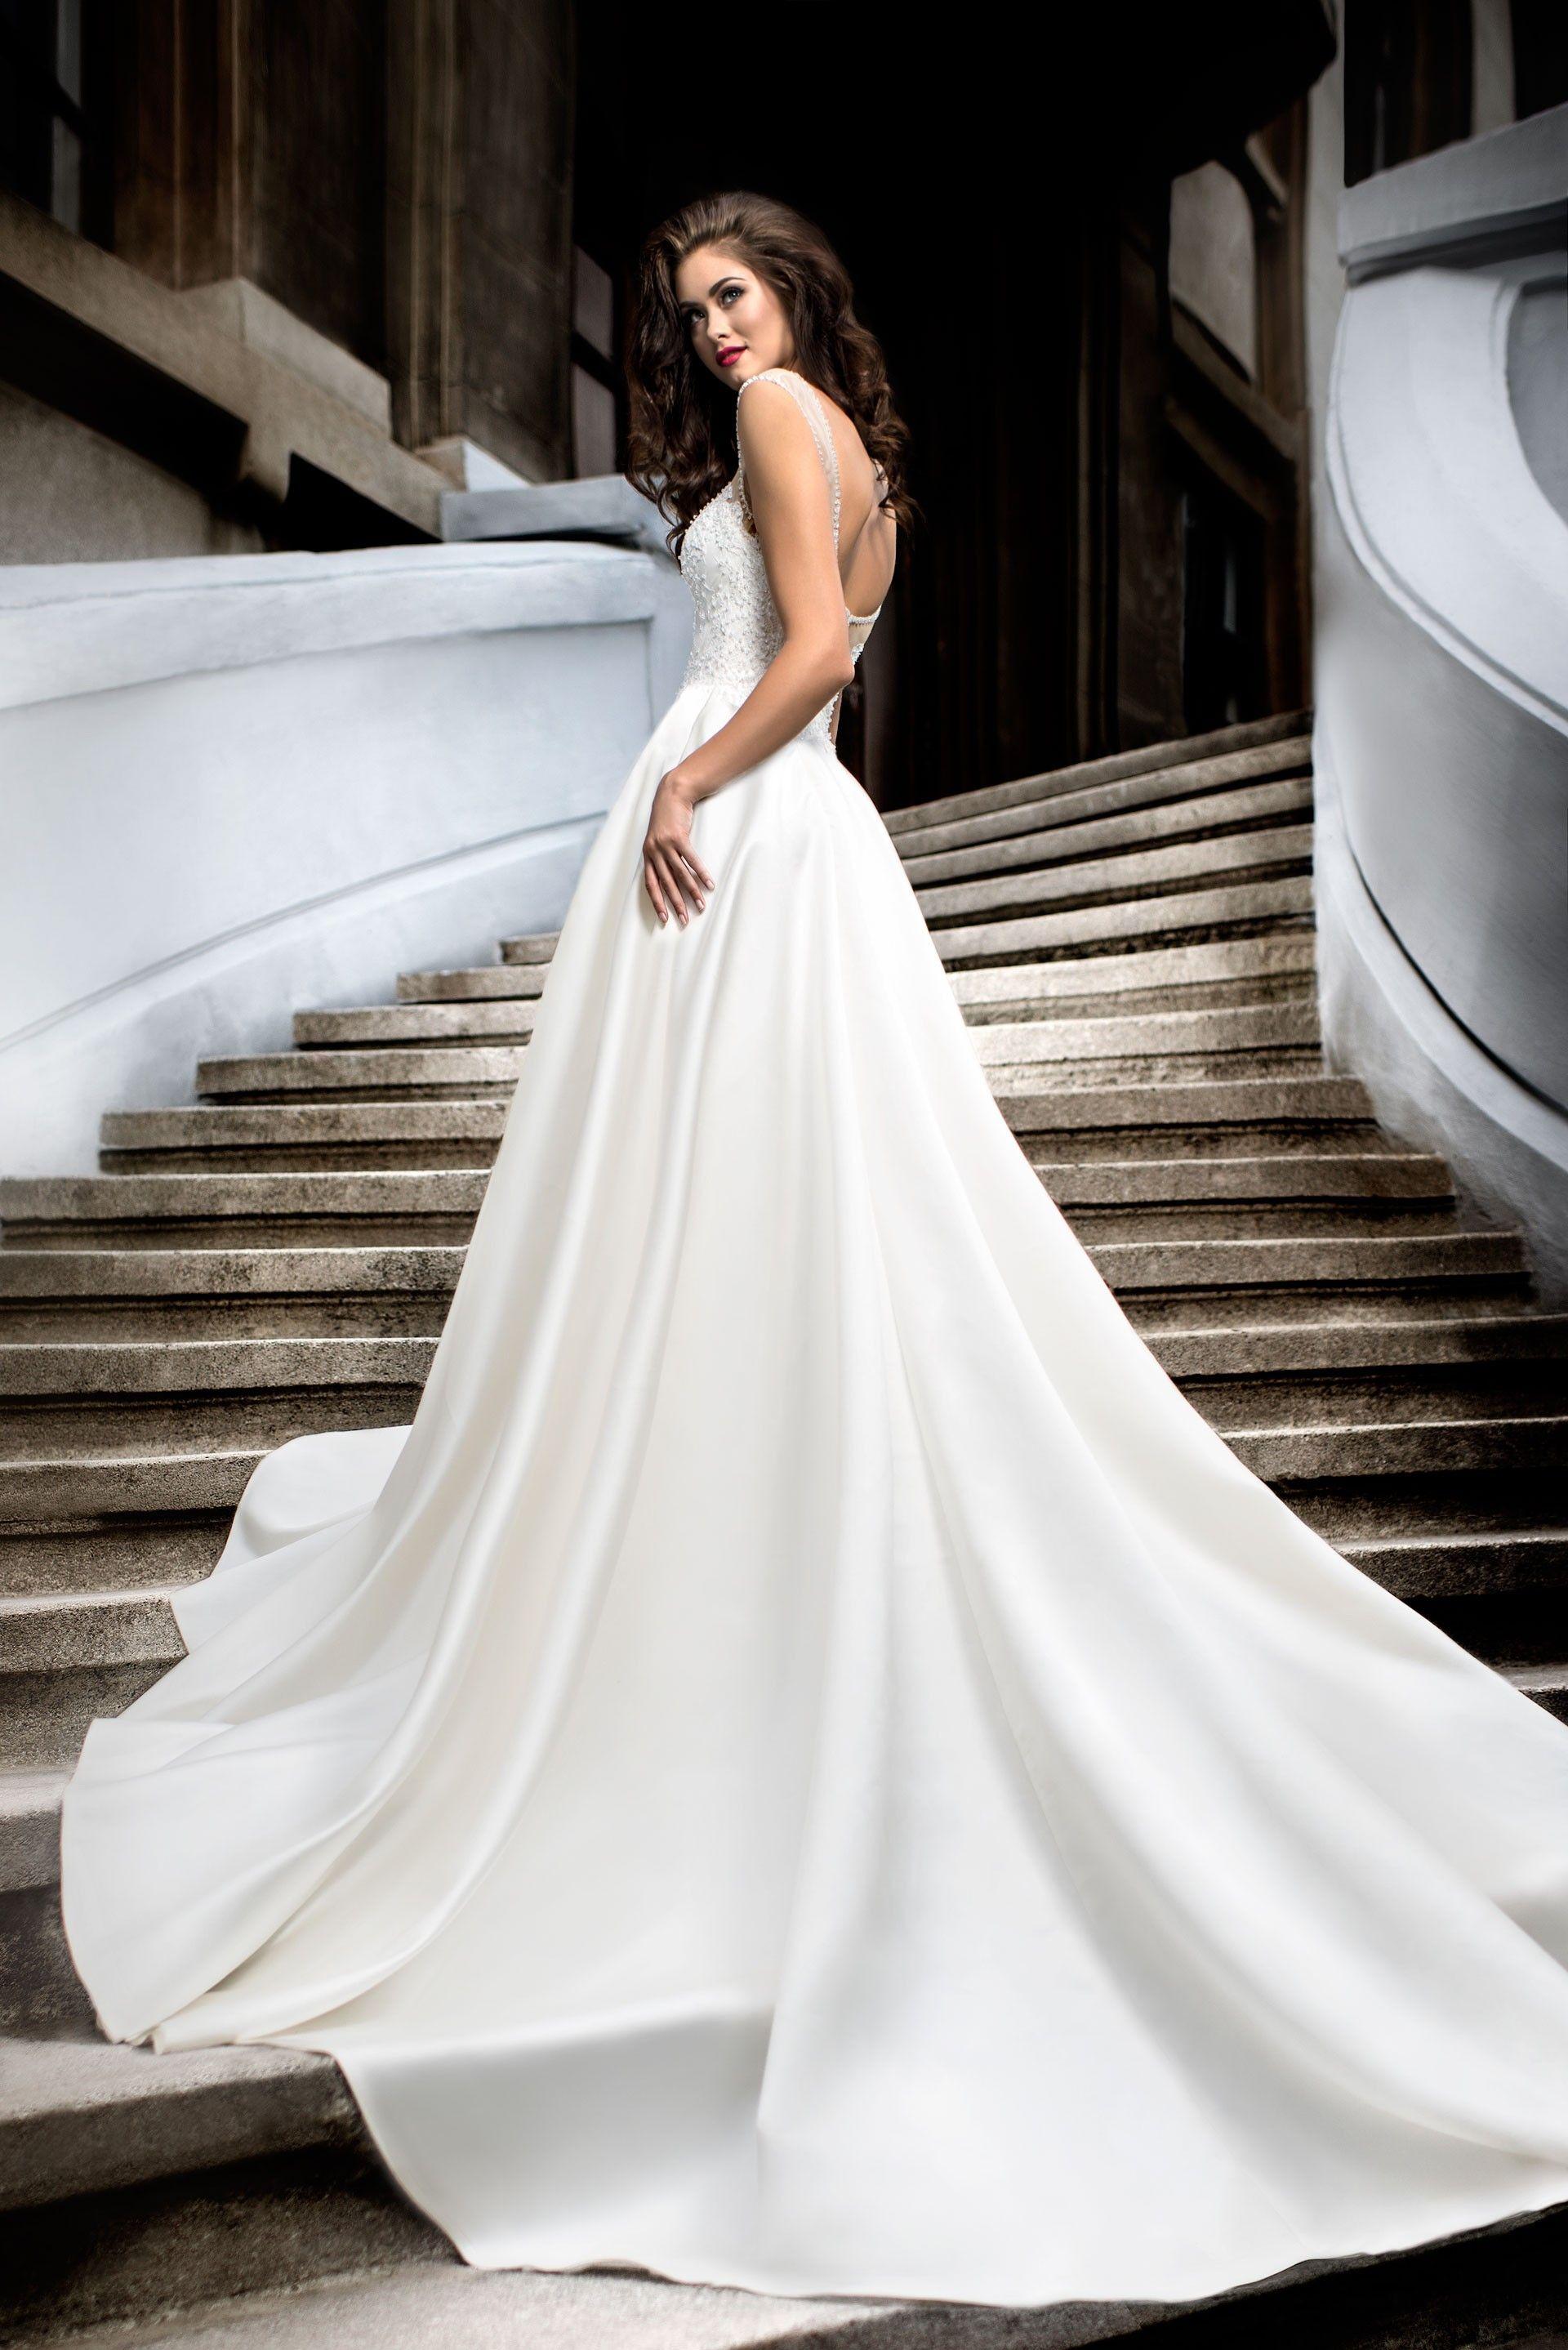 6da7f8be0206 Krásne svadobné šaty s dlhou saténovou sukňou a čipkovaným živôtikom ...